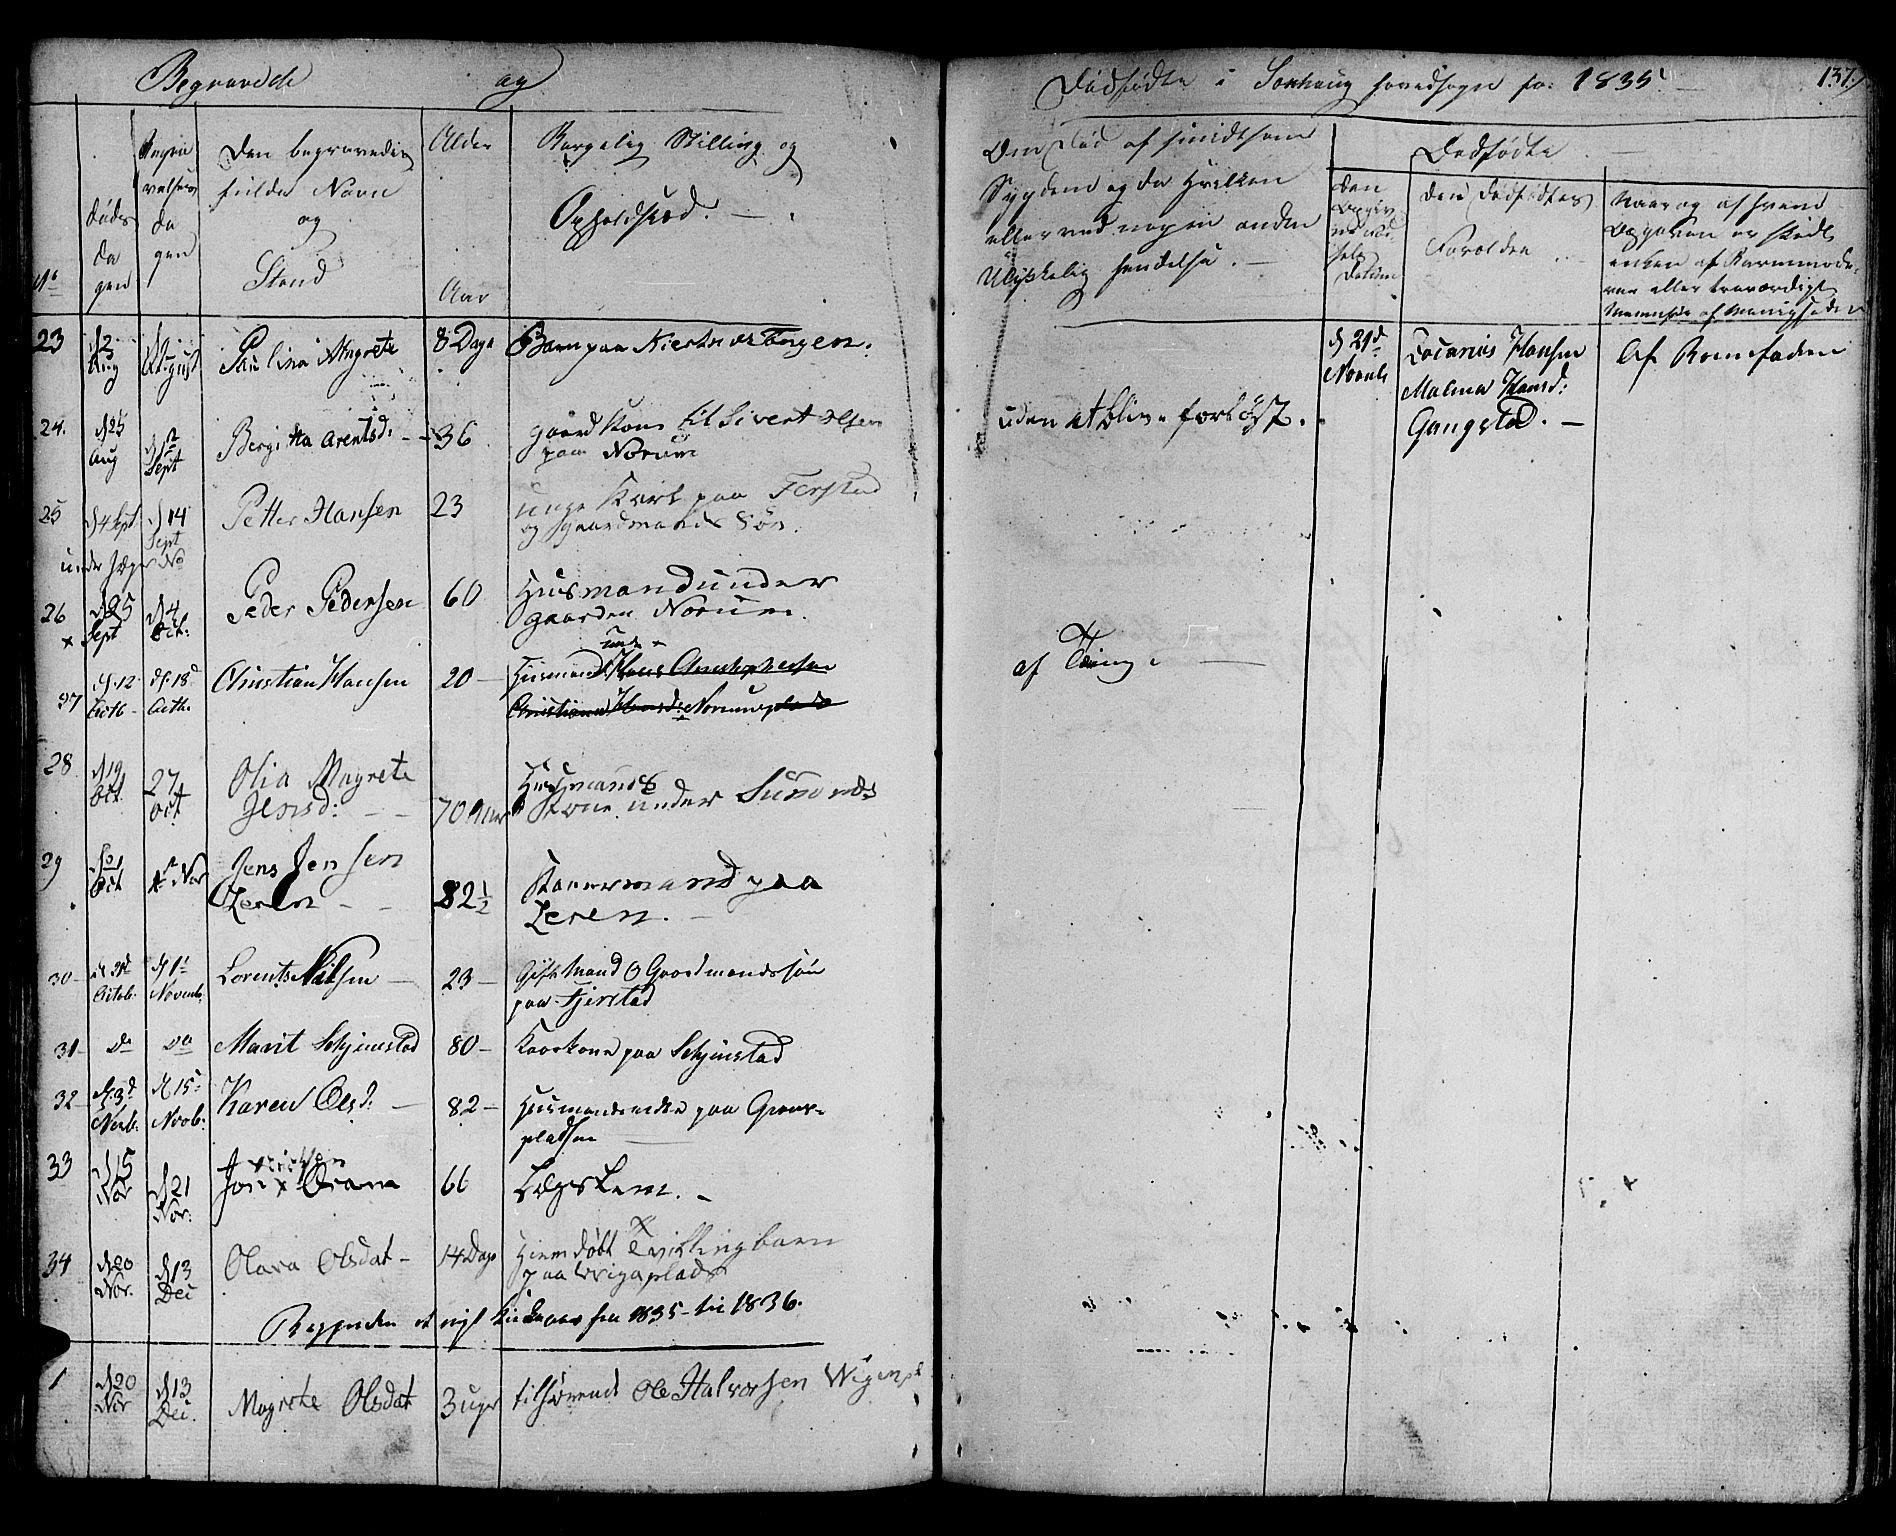 SAT, Ministerialprotokoller, klokkerbøker og fødselsregistre - Nord-Trøndelag, 730/L0277: Ministerialbok nr. 730A06 /1, 1830-1839, s. 137